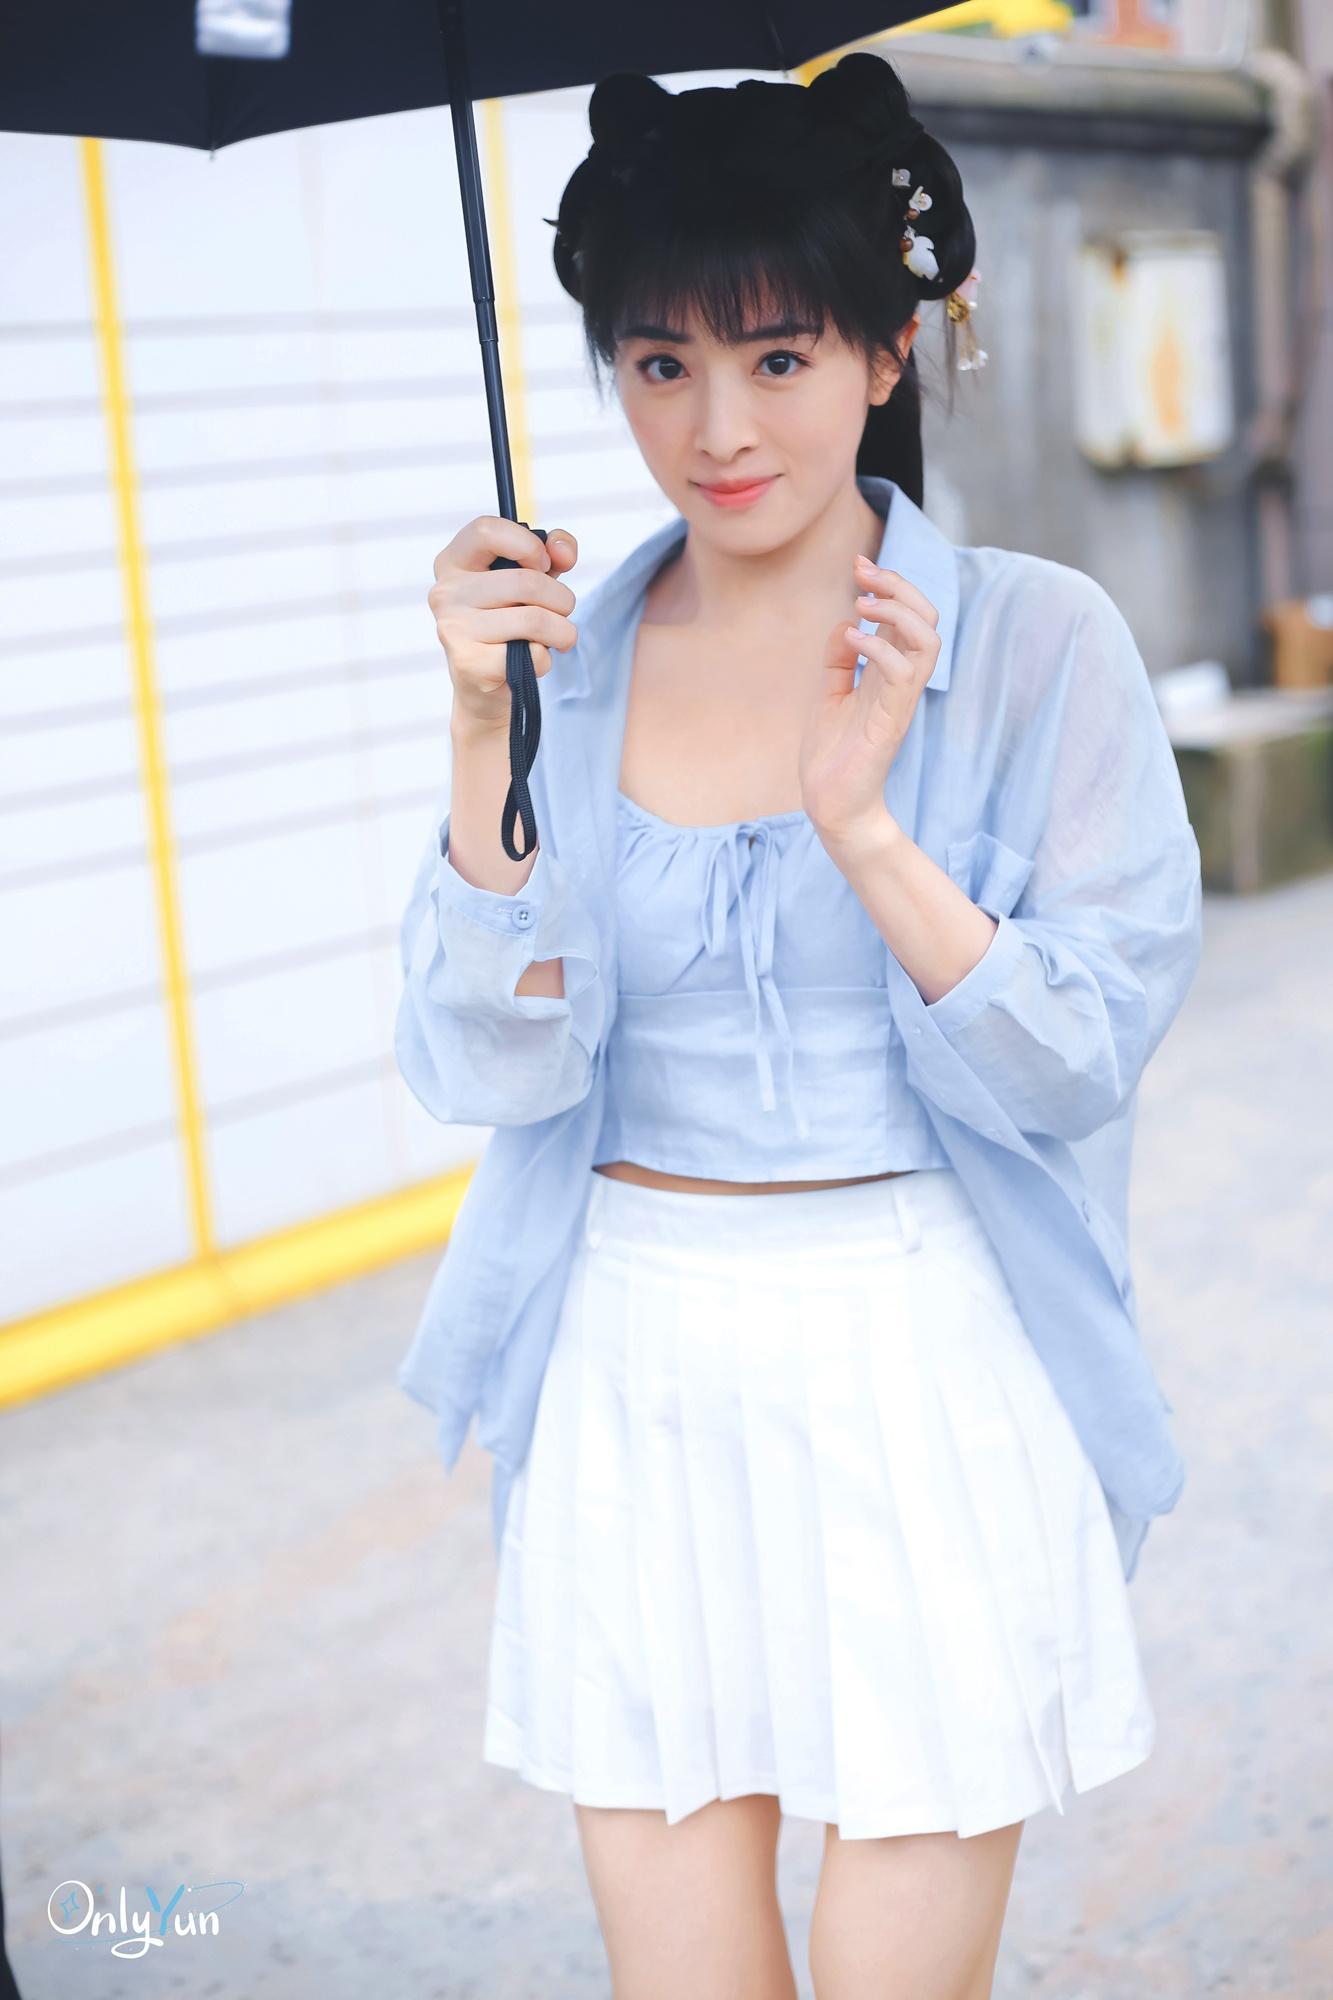 Trương Hàm Vận cầu xin paparazzi không chụp ảnh nhạy cảm Ảnh 2